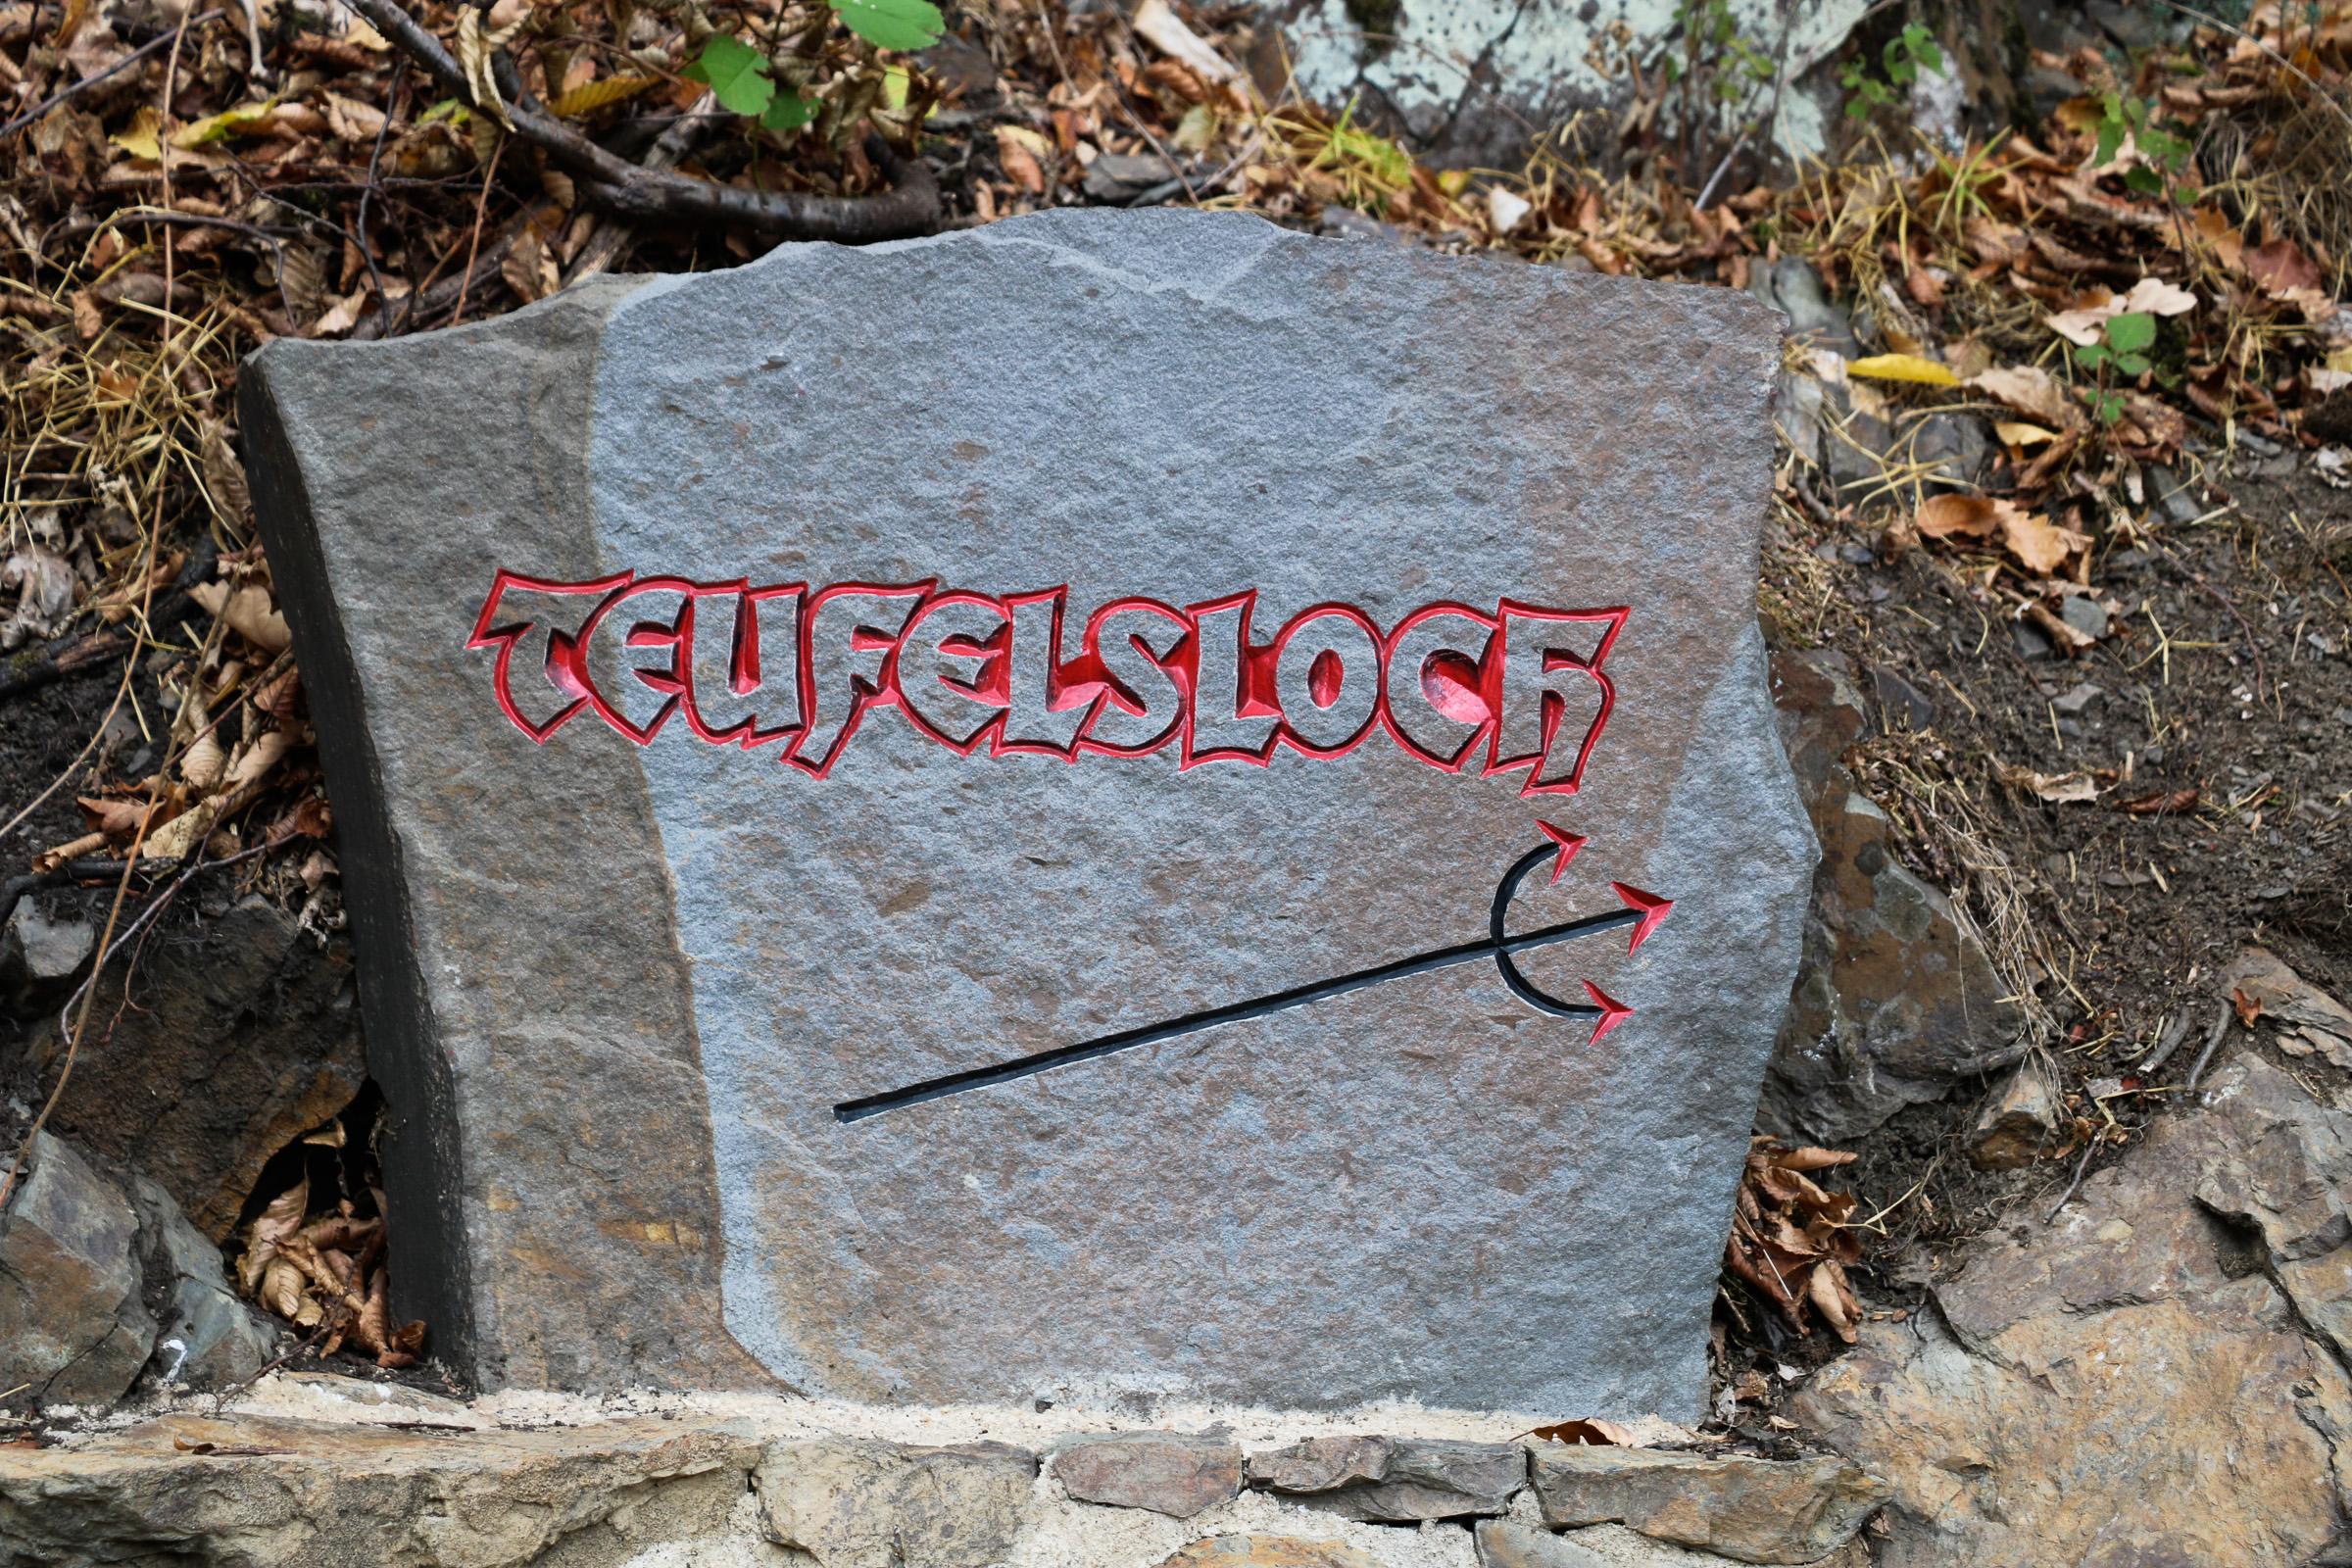 Ein Stein, auf dem das Wort Teufelsloch eingraviert ist, darunter ein Dreizack.